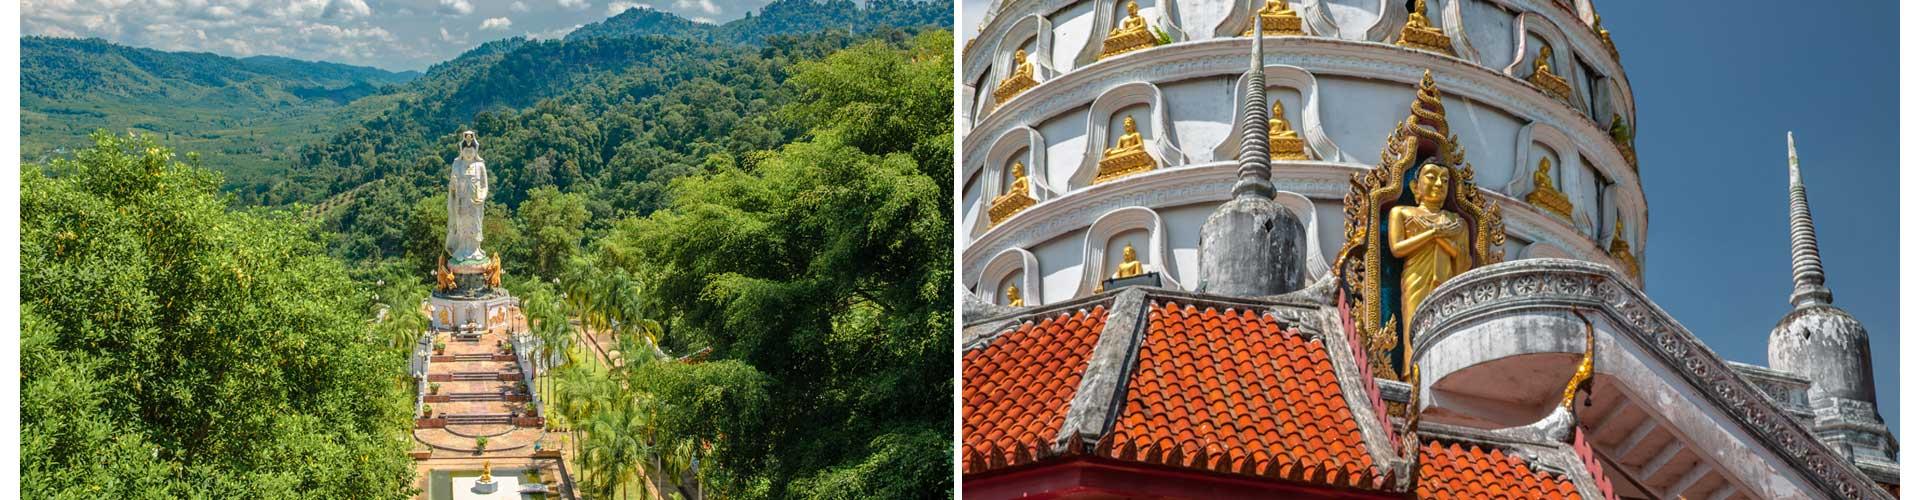 thailand-wat-riang-tempel